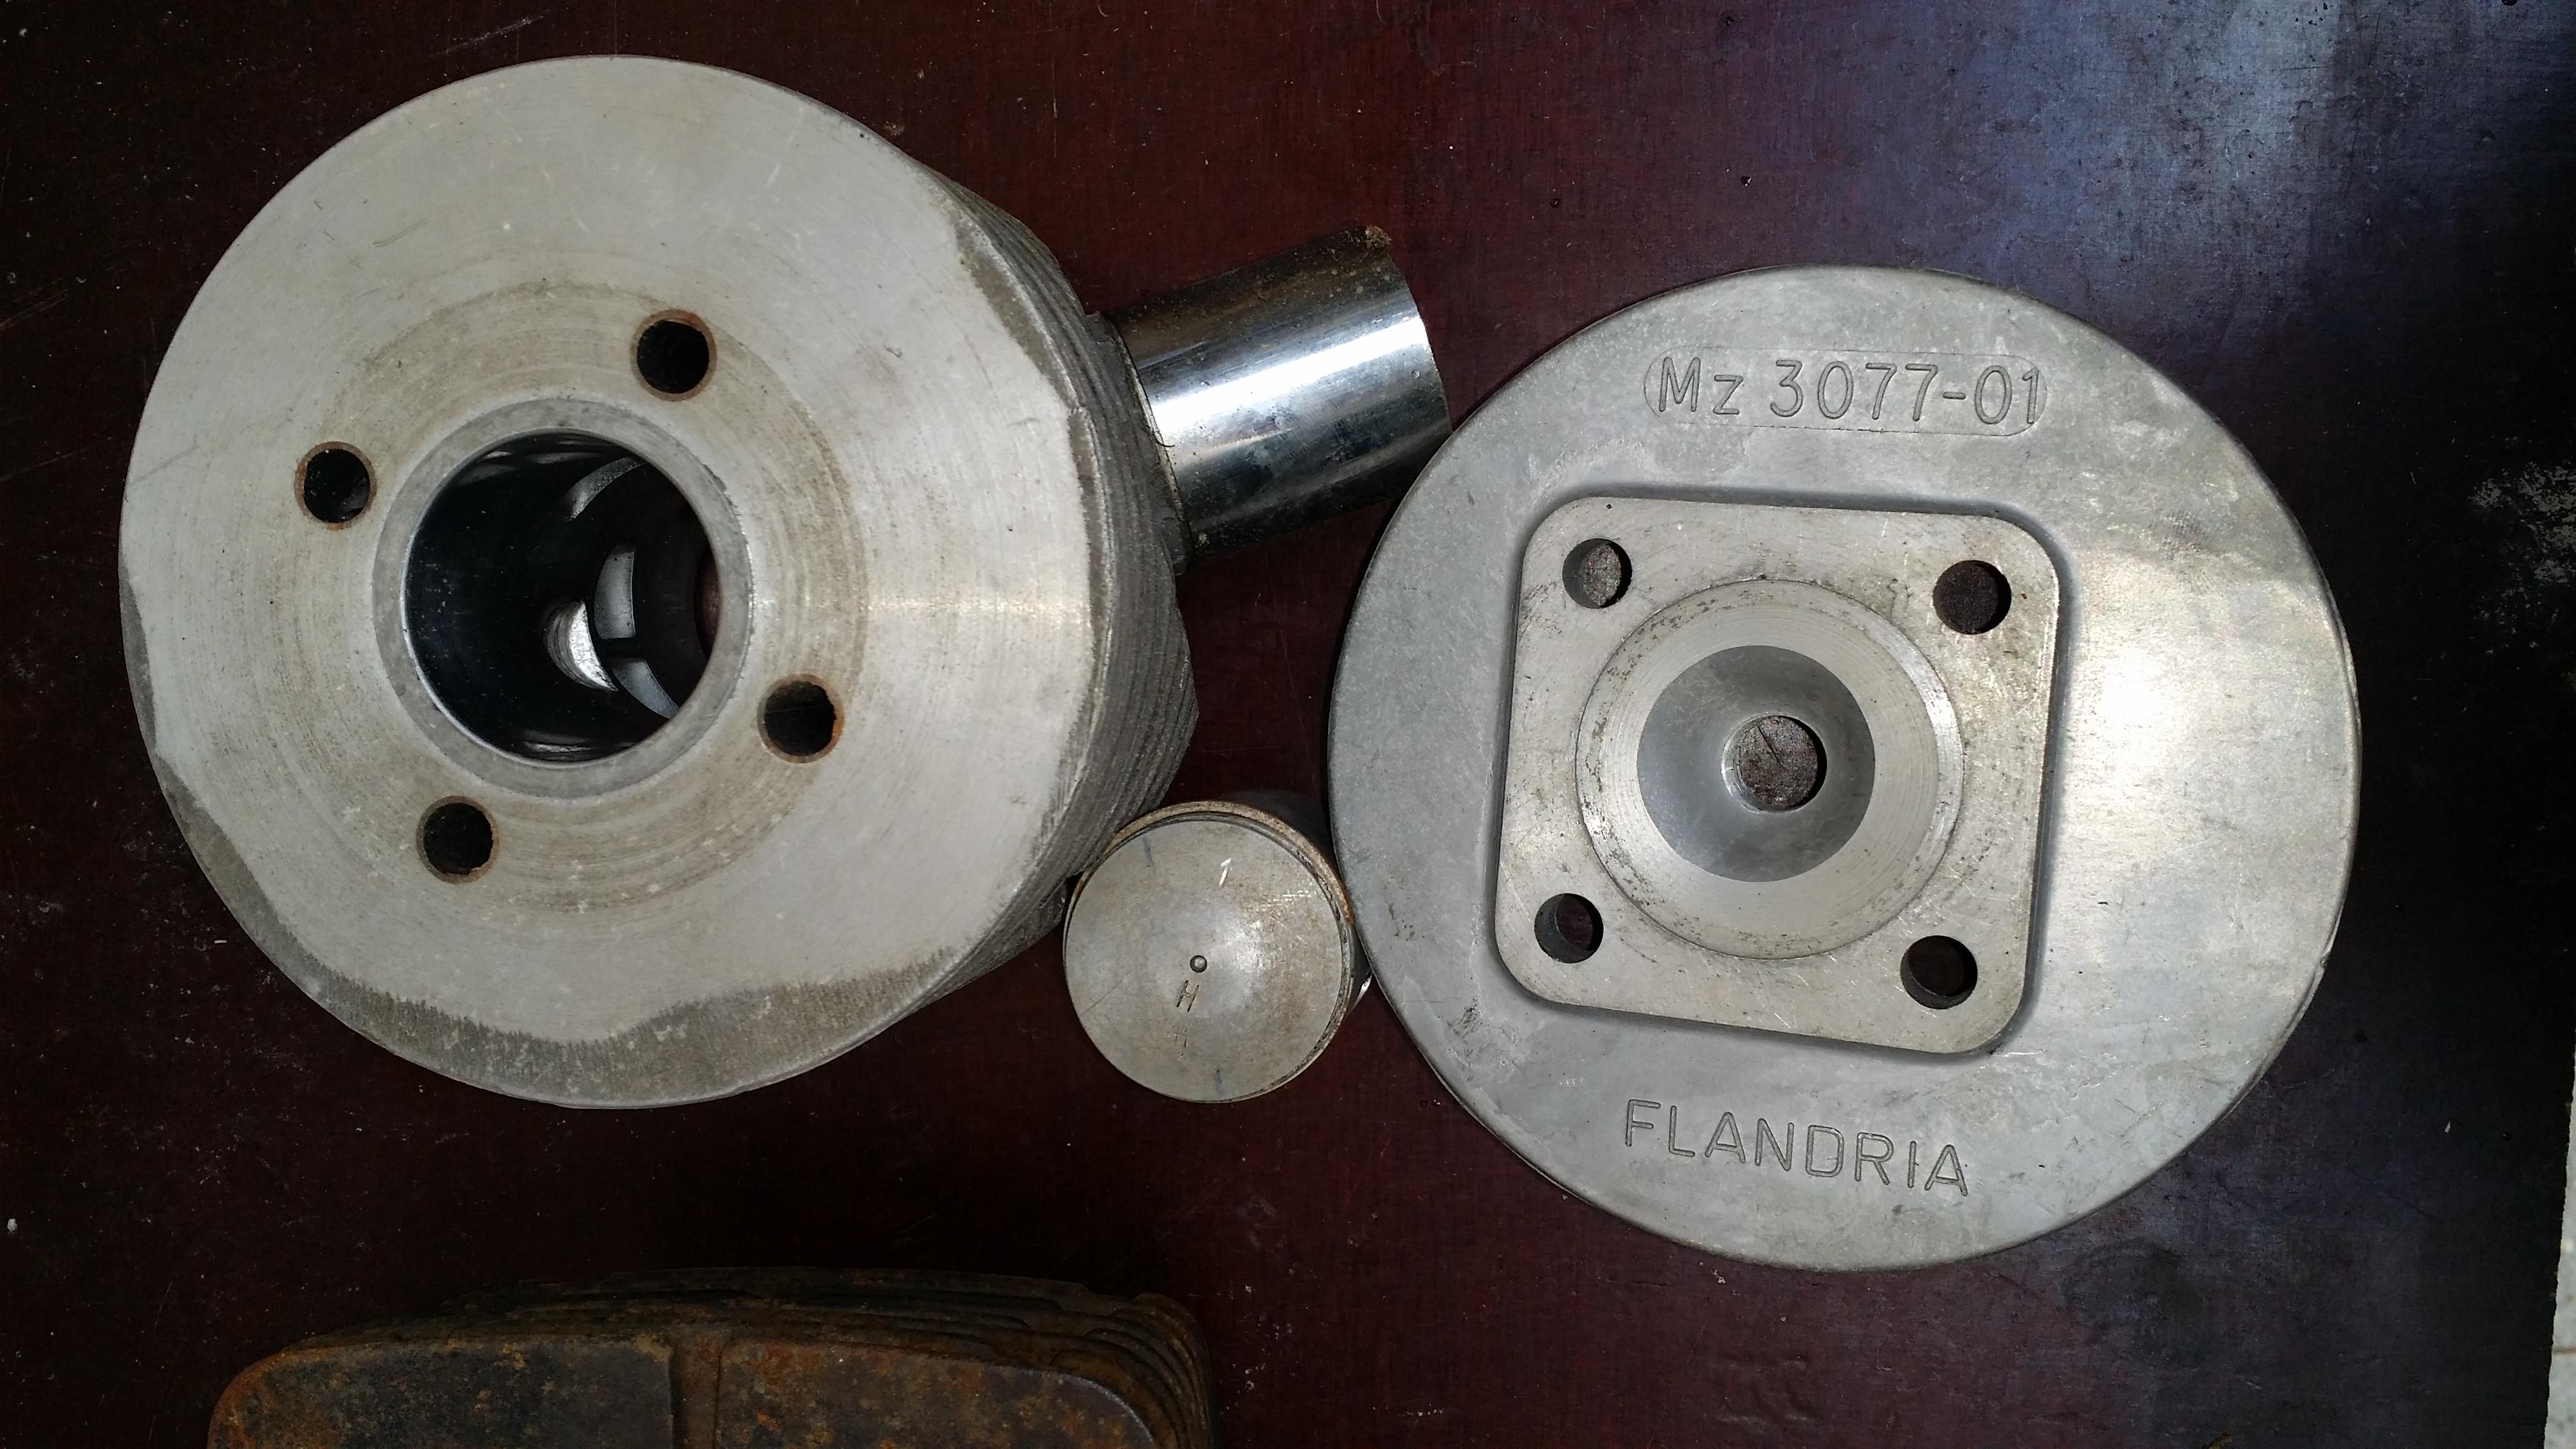 Flandria Daytona 4 (sortie de grange...). 20200815_114943